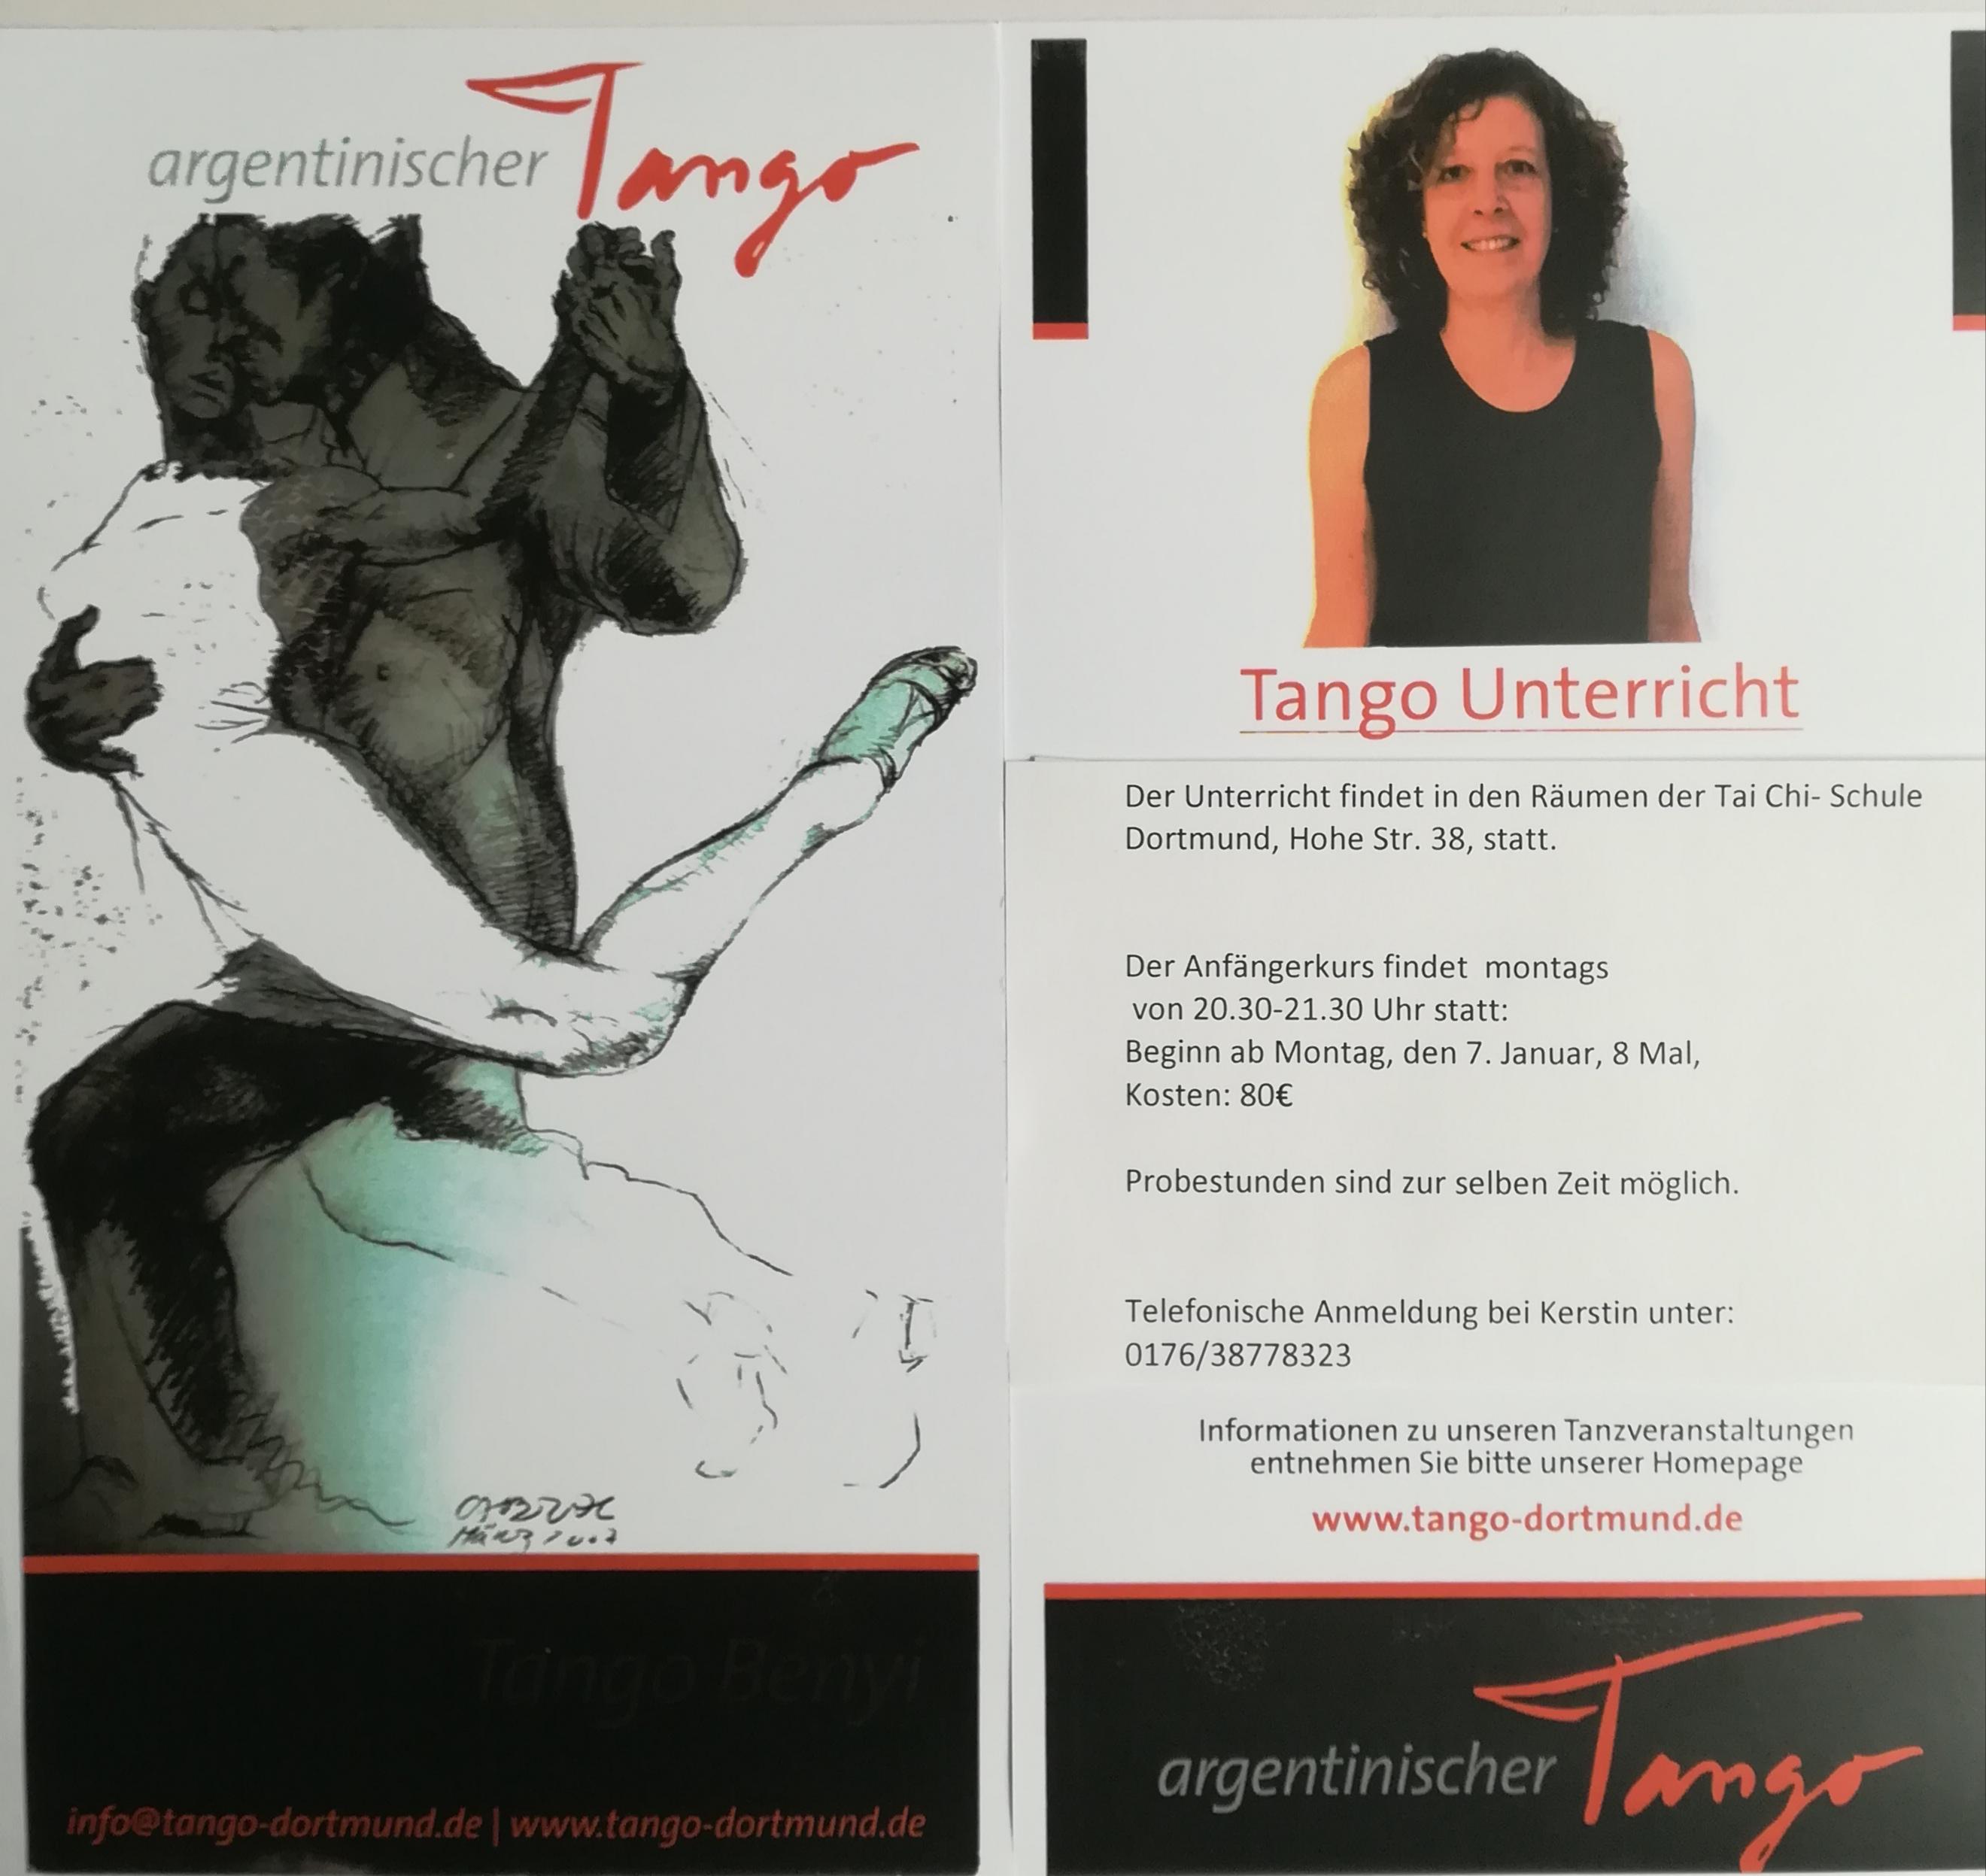 Tango Unterricht in Dortmund